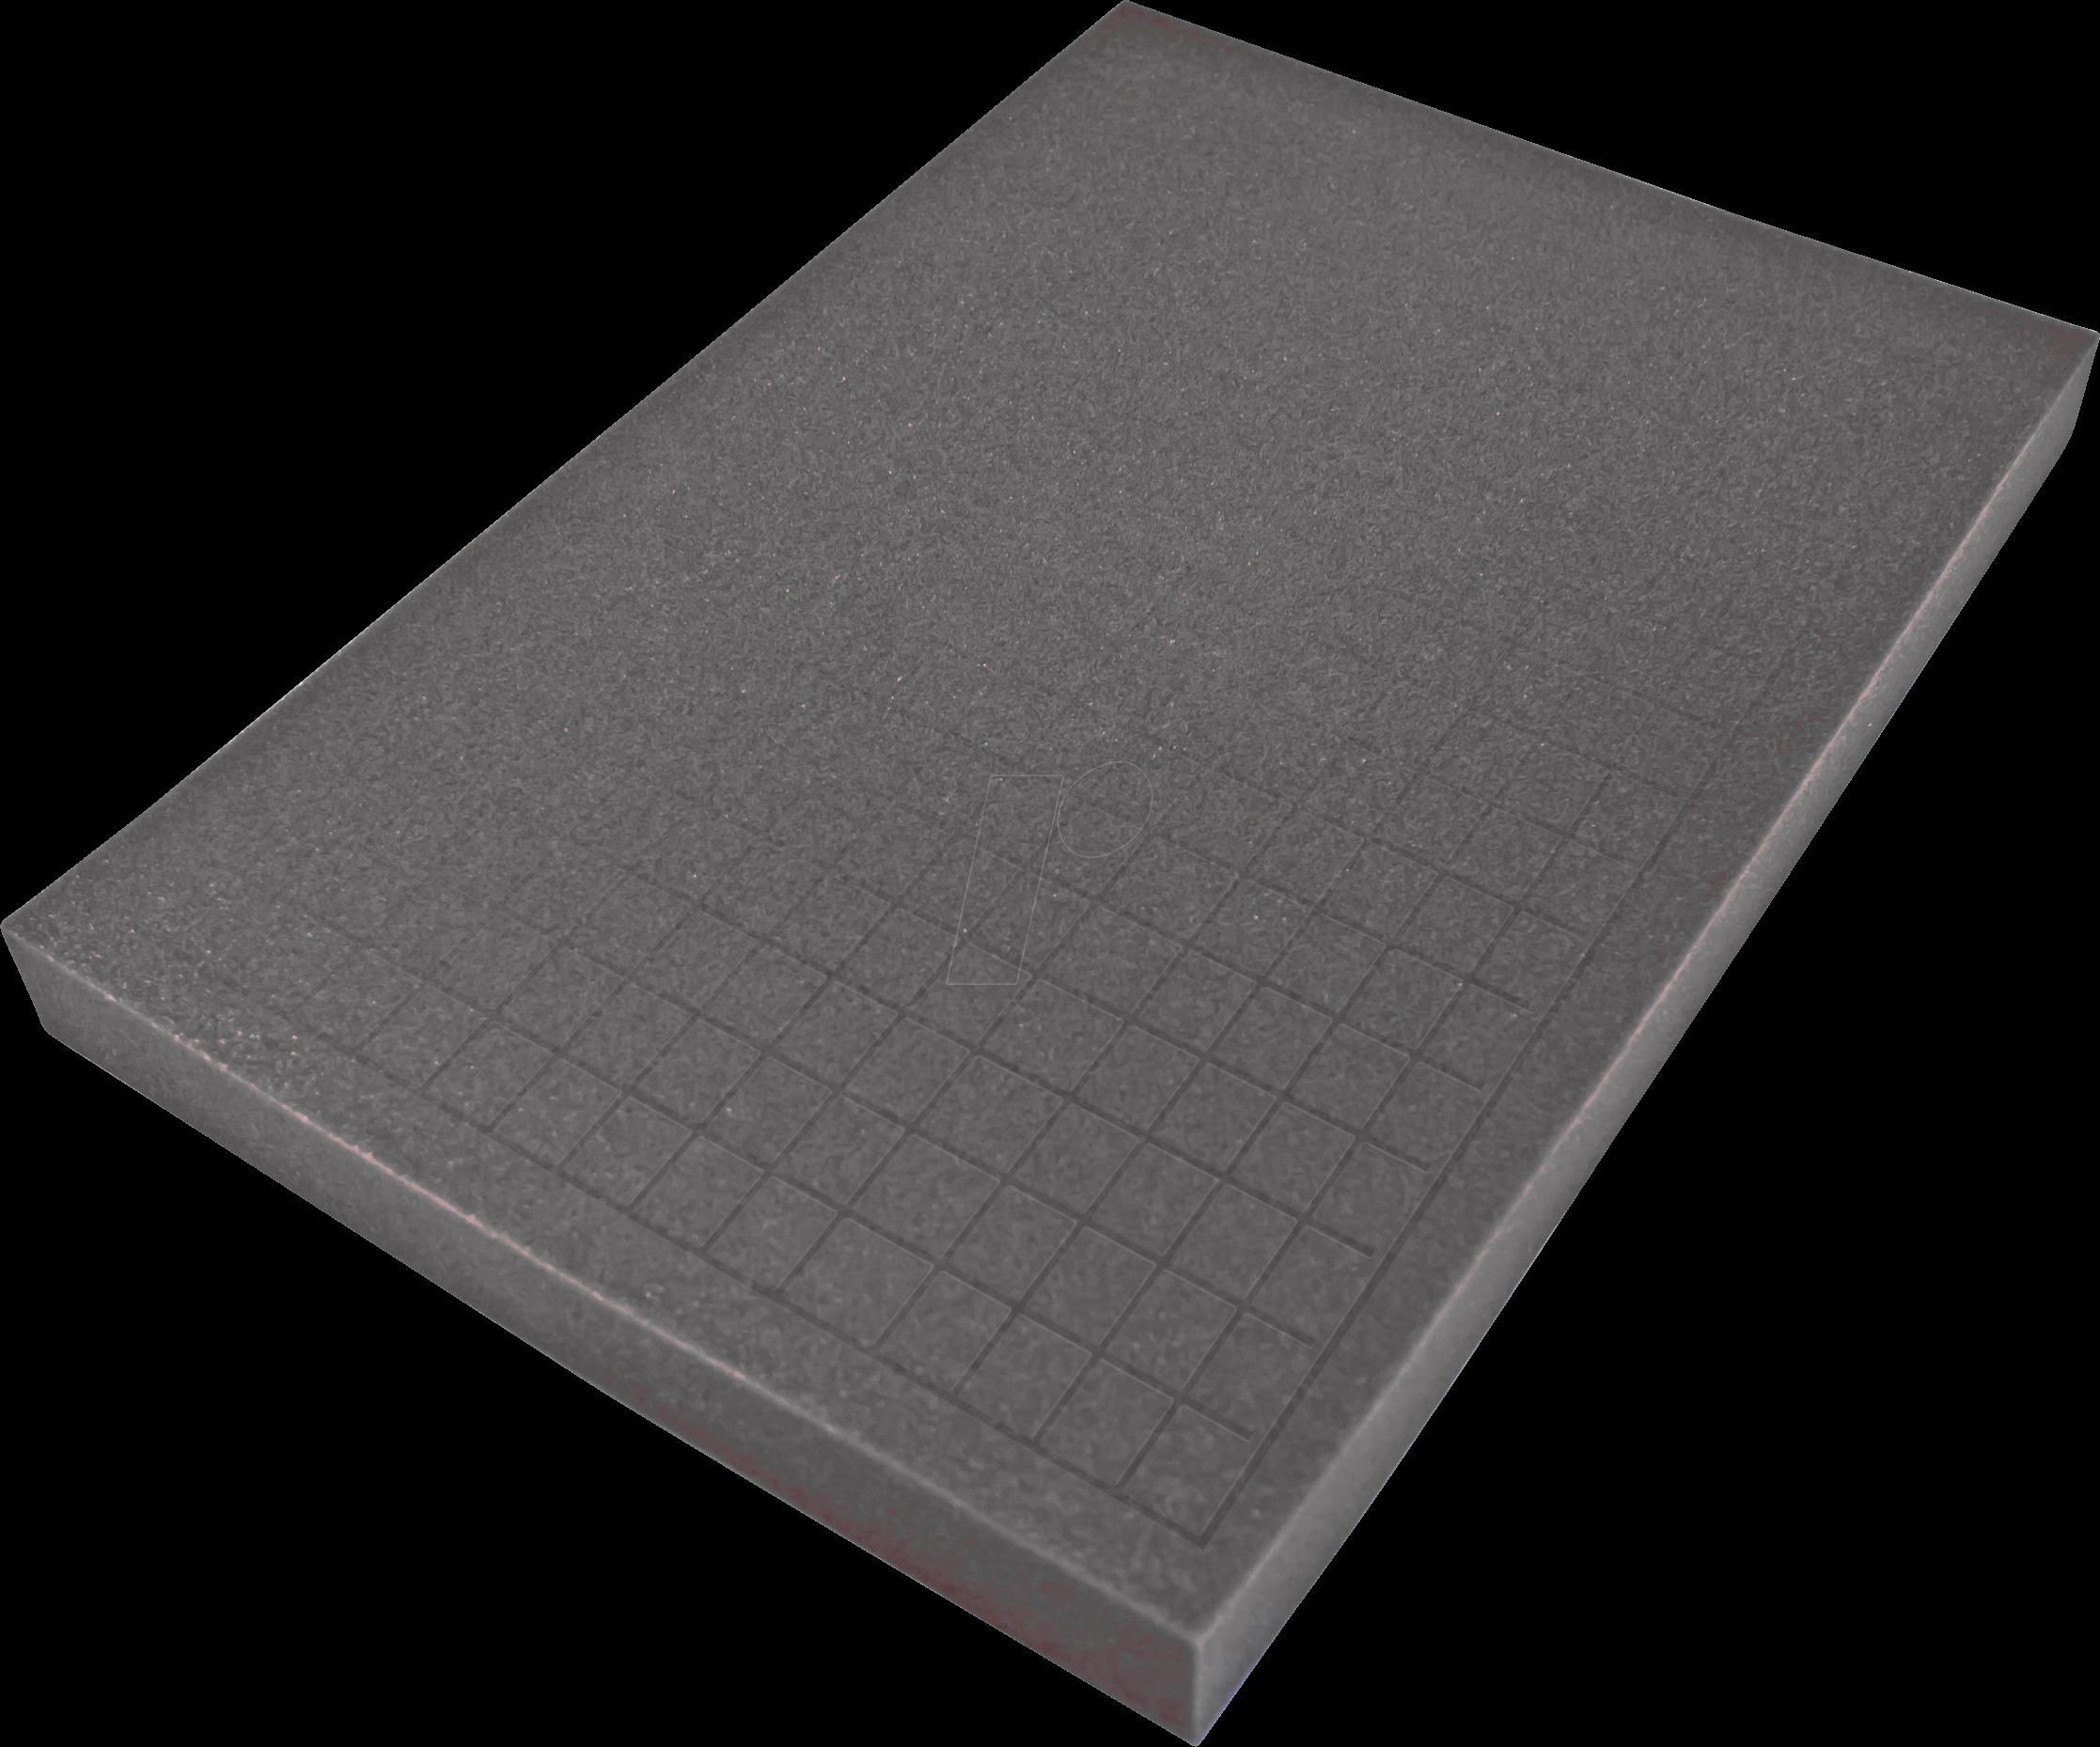 PEAKTECH 7260 S - Würfelschaumeinlage für PeakTech 7260, 355 x 220 x 20 mm